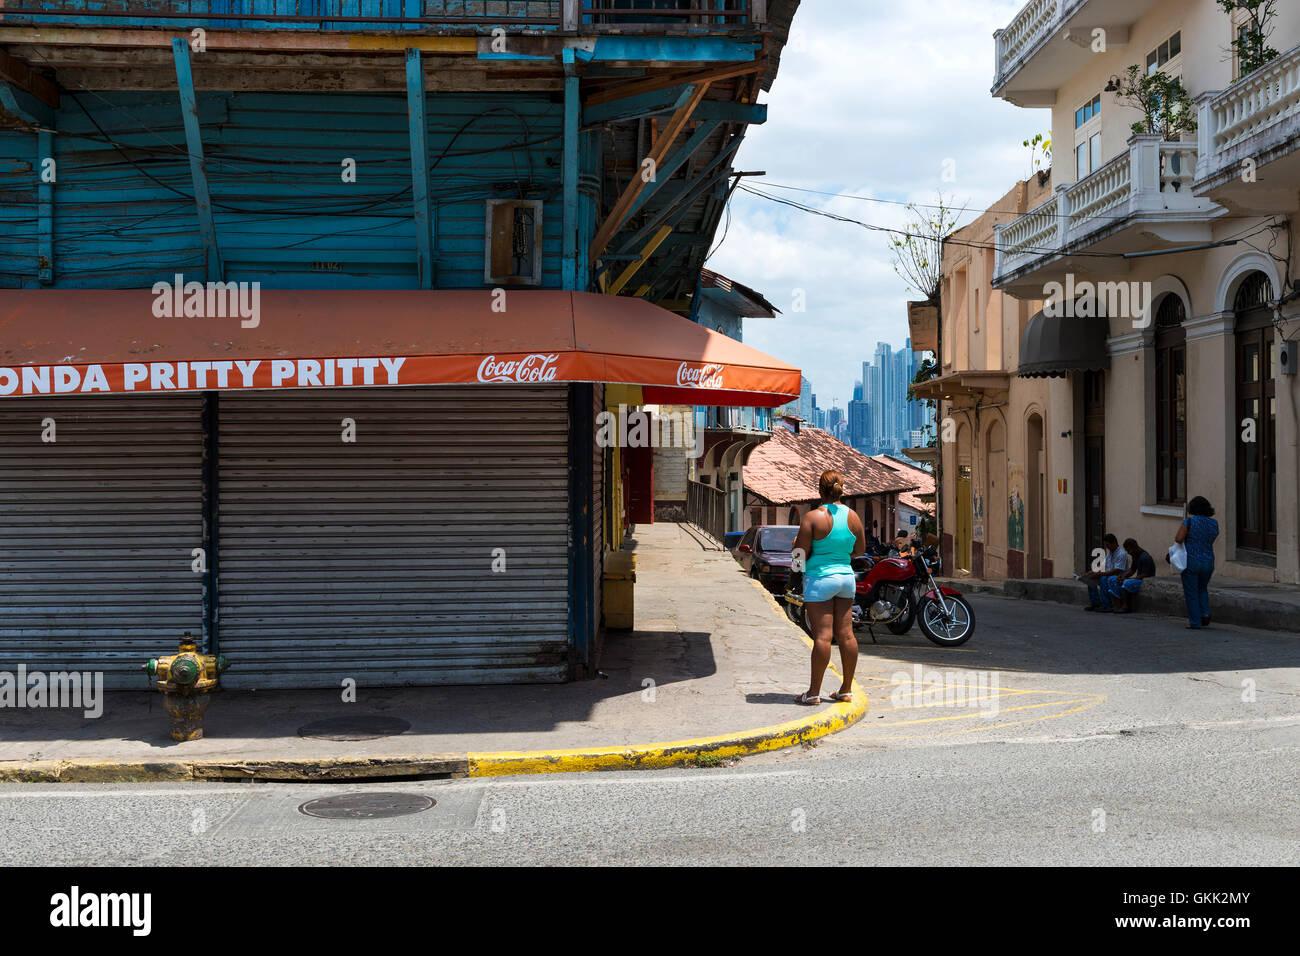 La ville de Panama, Panama - Mars 16, 2014: les gens dans une rue de Casco Viejo, à Panama City, au Panama. Casco Banque D'Images